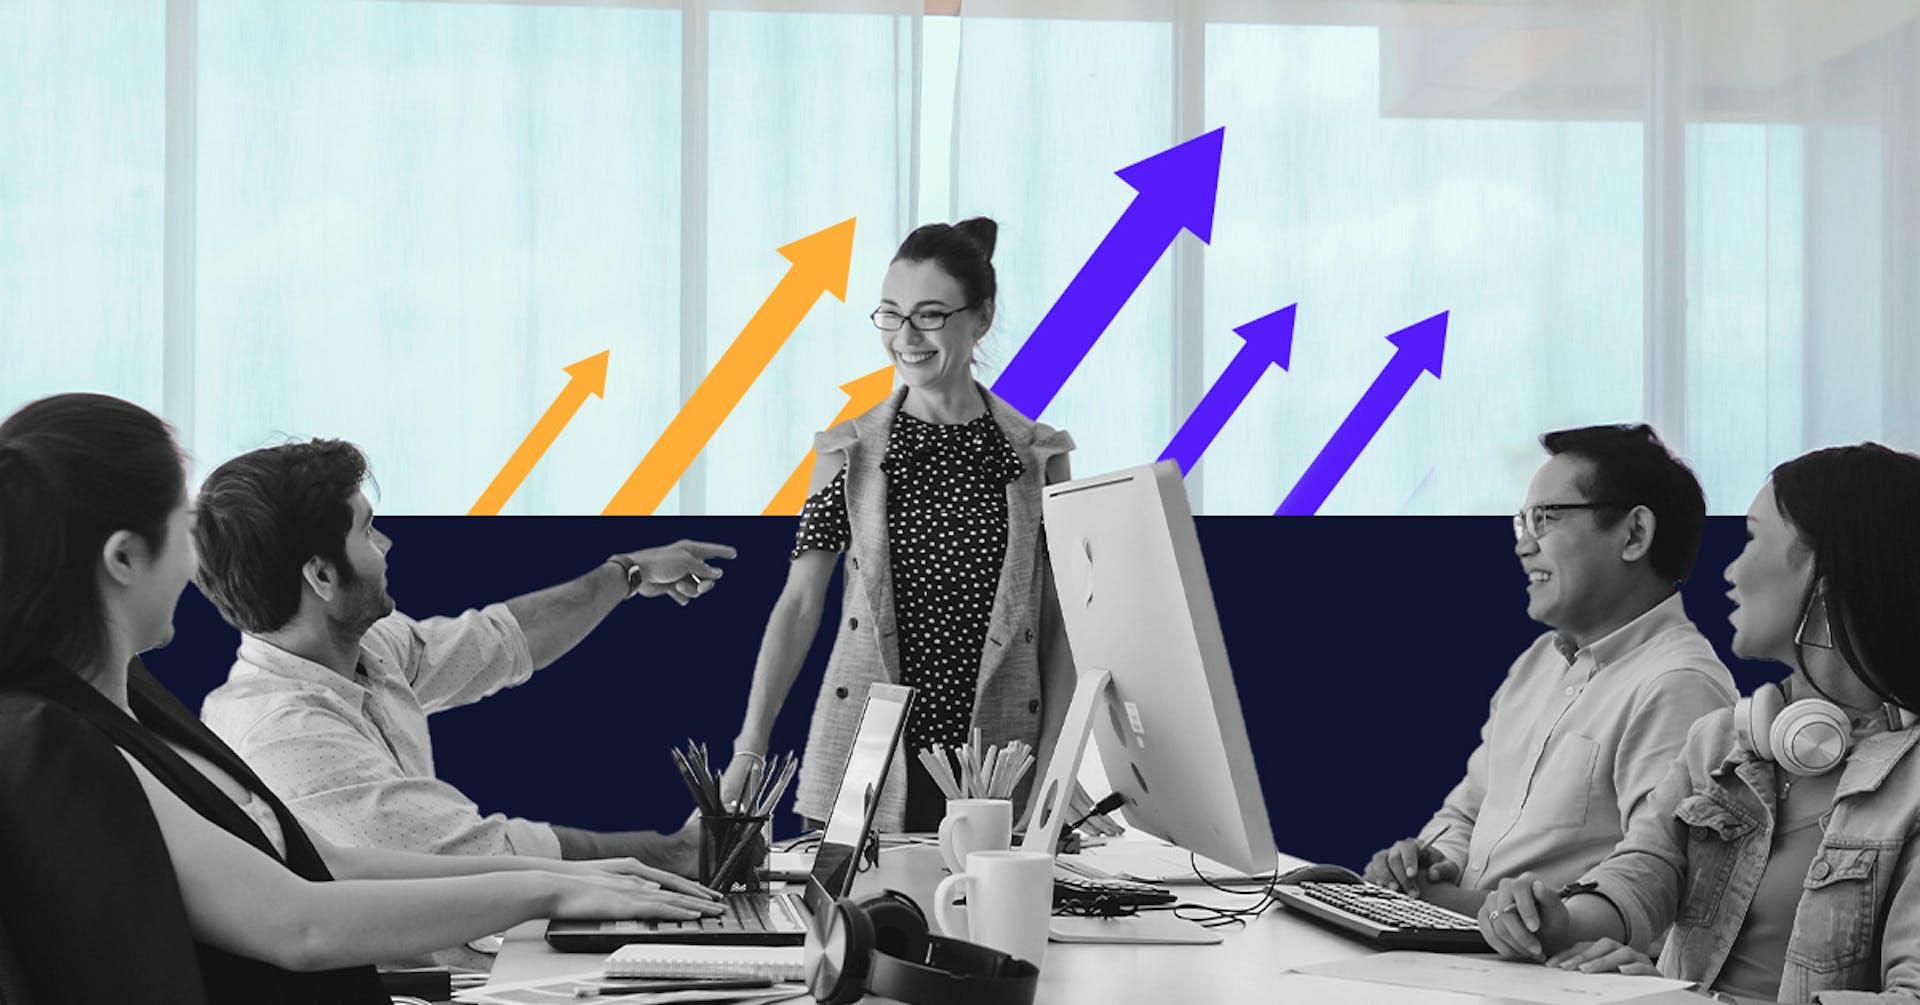 9 situaciones típicas para ejercer liderazgo ¡Sé buen líder para tu equipo!